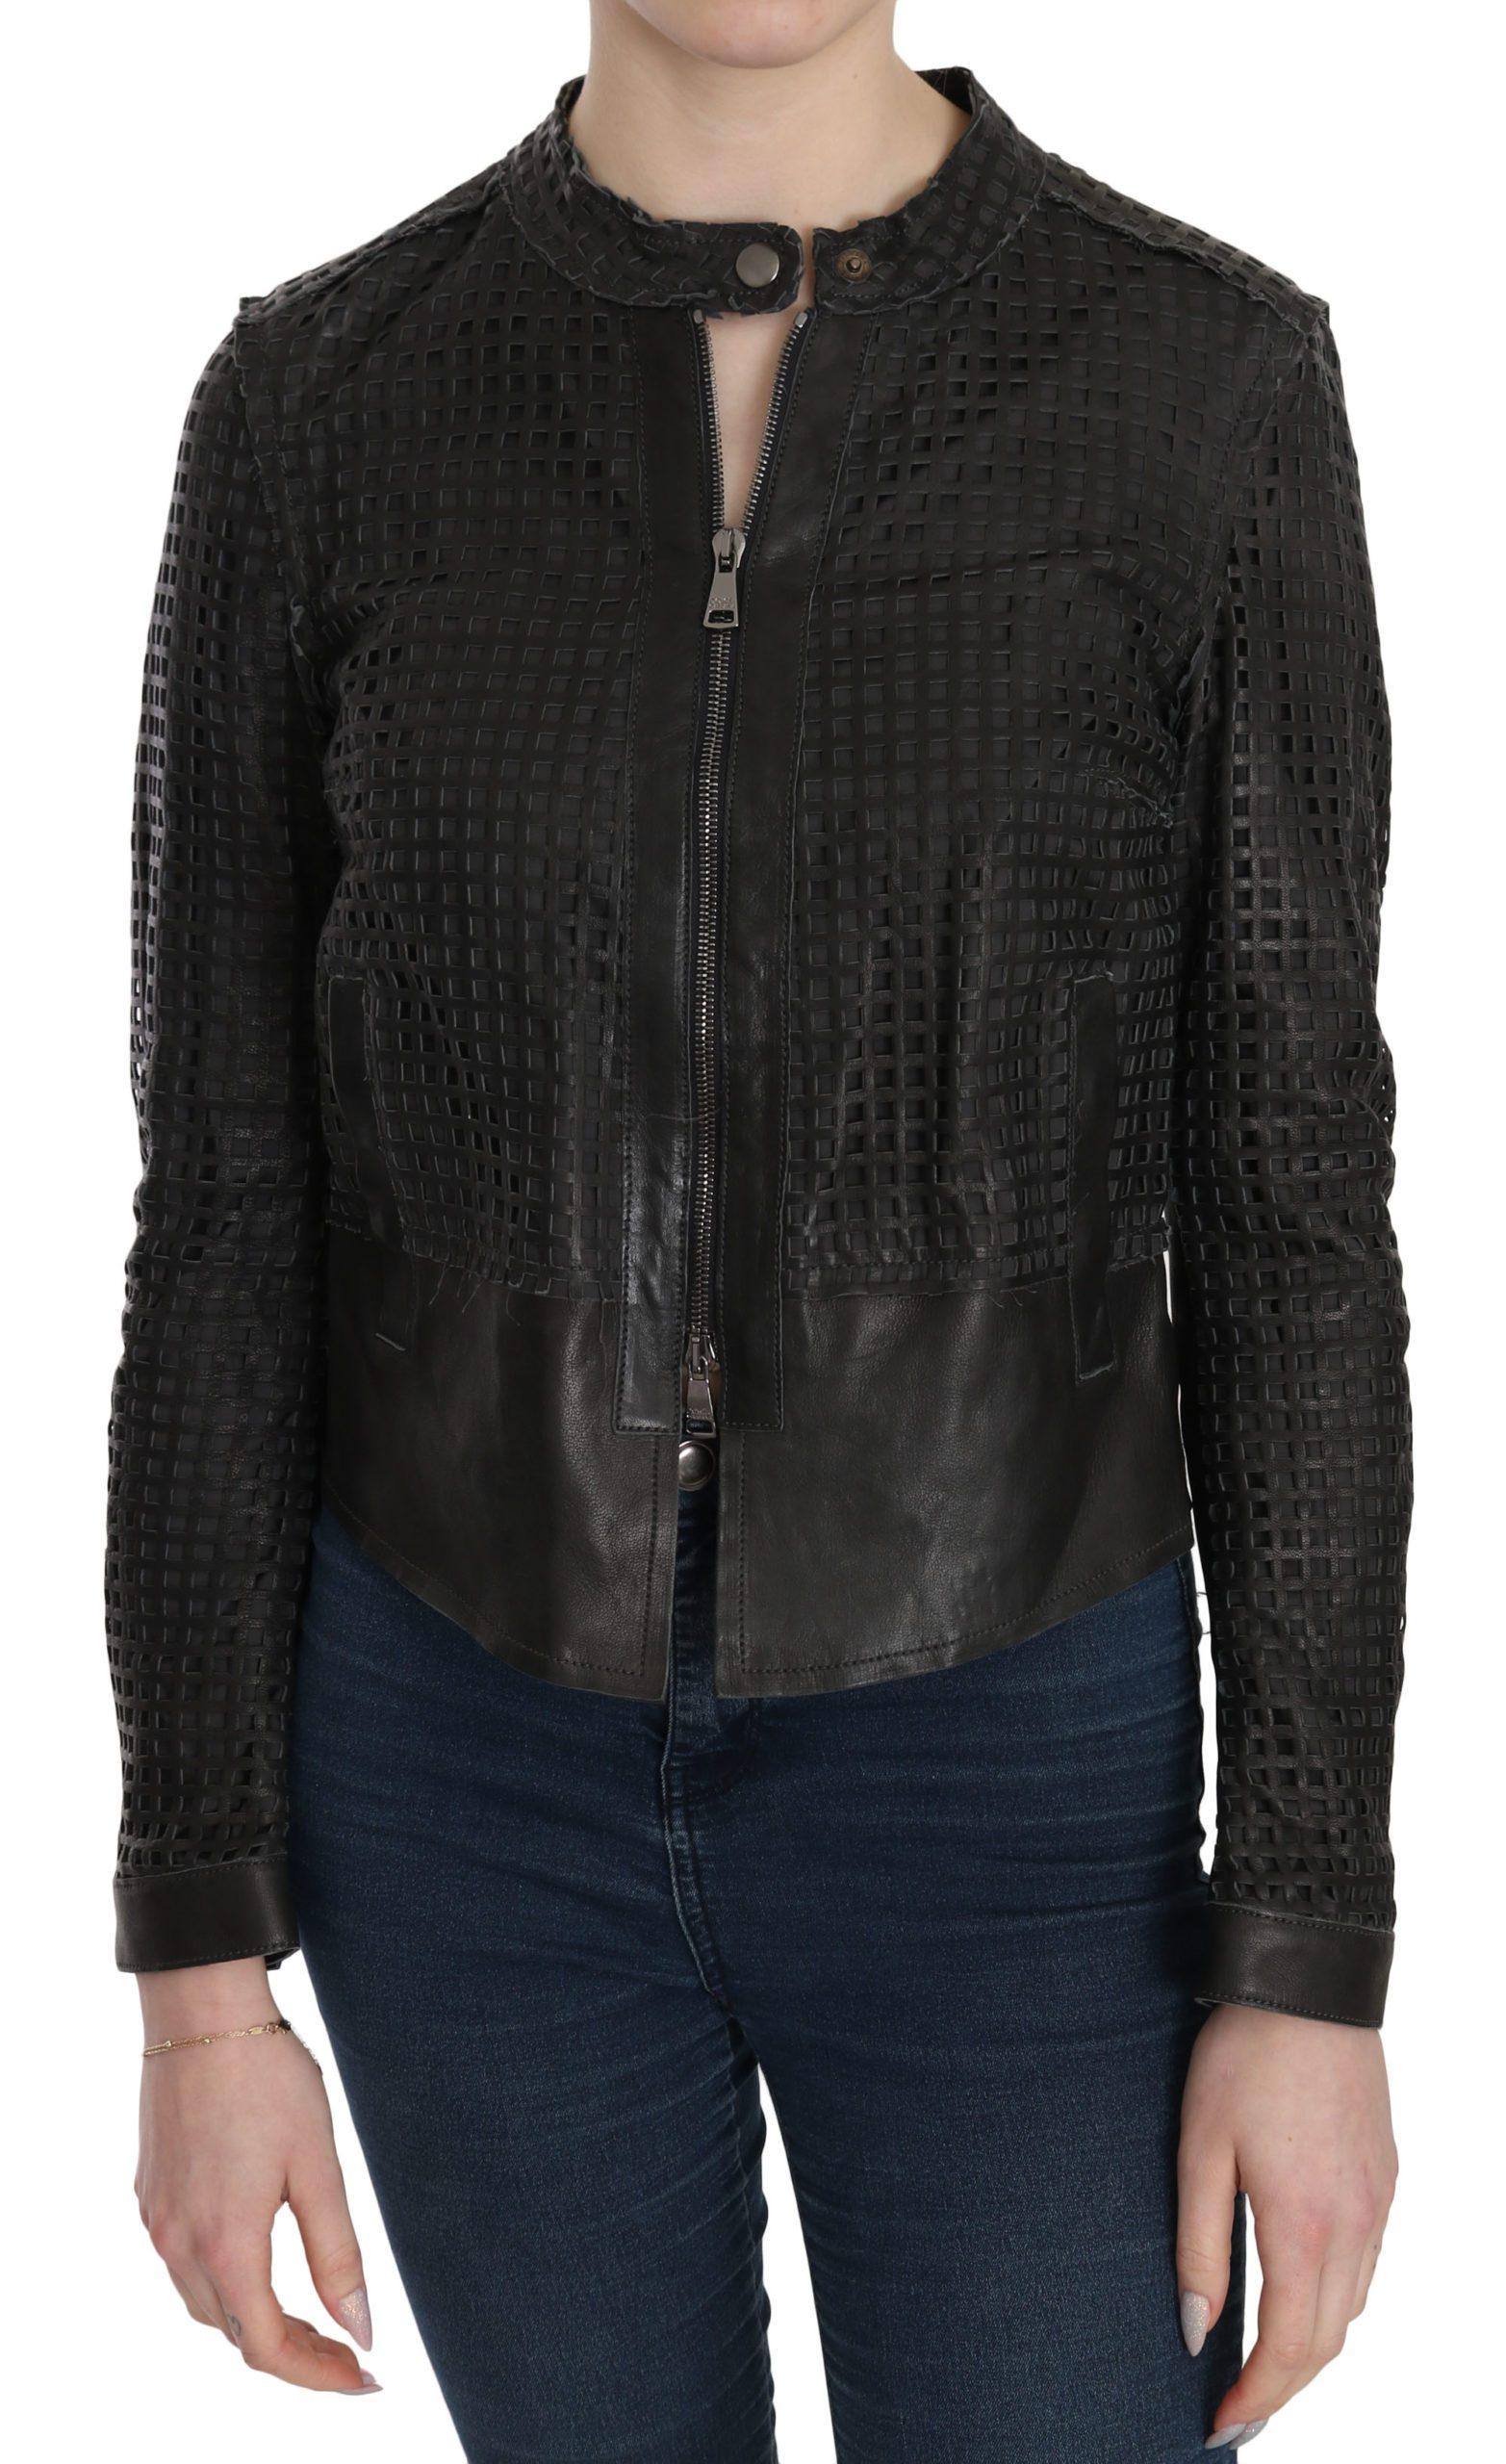 Dolce & Gabbana Women's Leather Cutout Biker Jacket Black TSH3598 - IT40|S